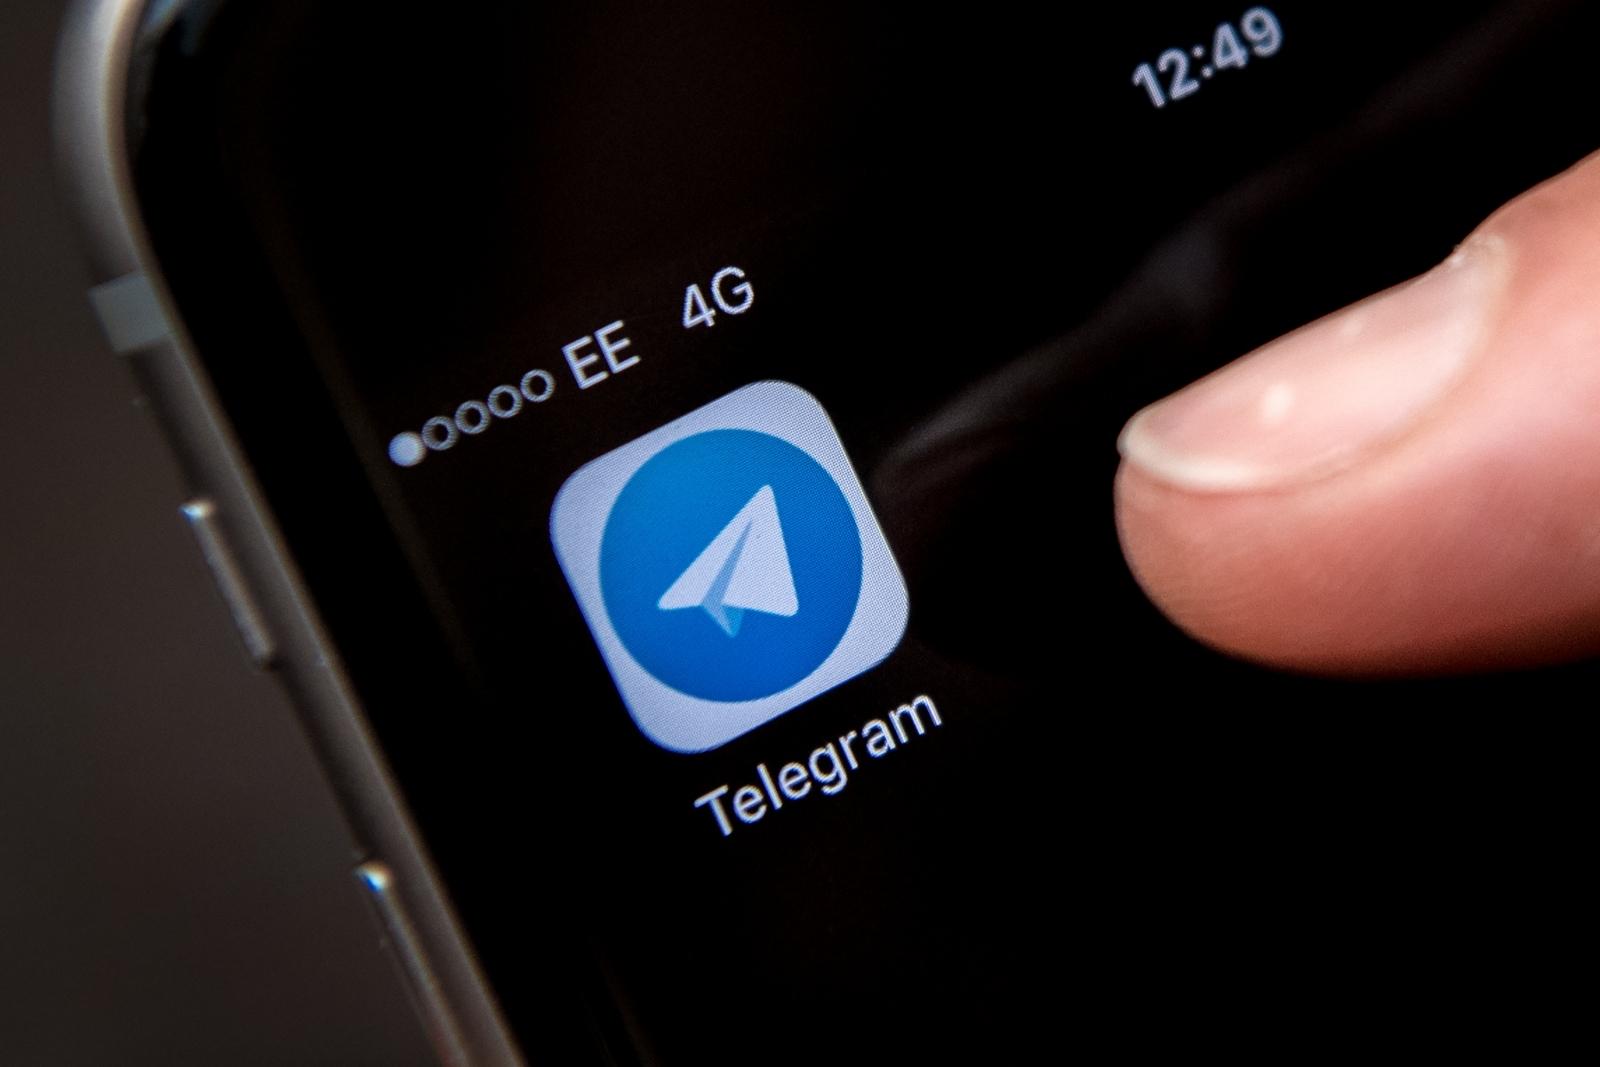 تروجان کنترل از راه دور جدید اندرویدی مبتنی بر تلگرام